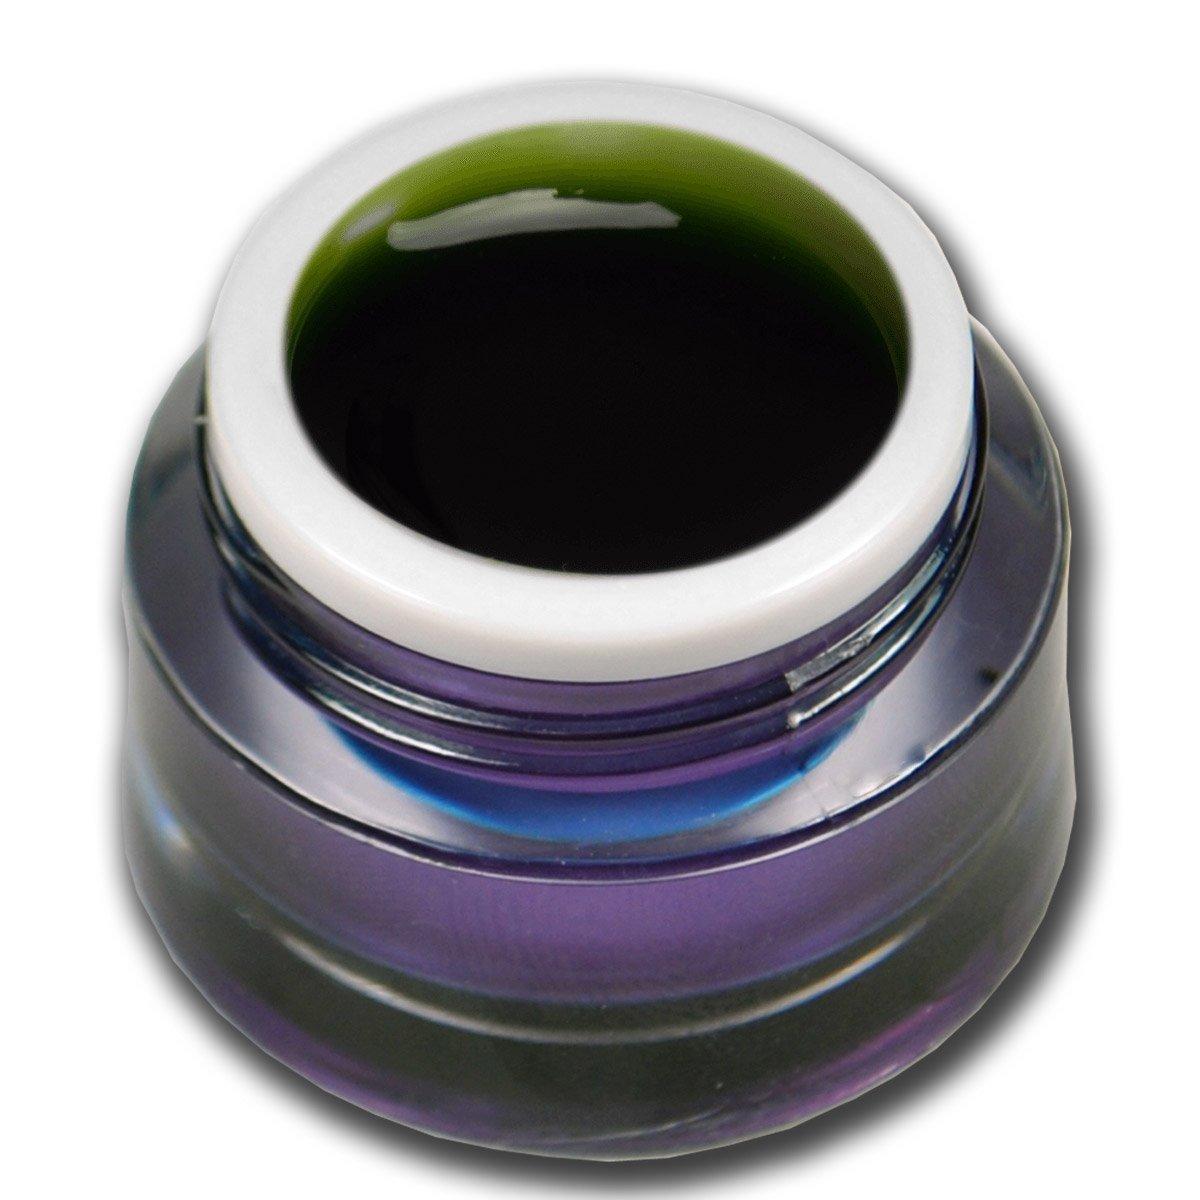 Premium Gel vetro colorato verde 5ml Gel UV Unghie Nail Art